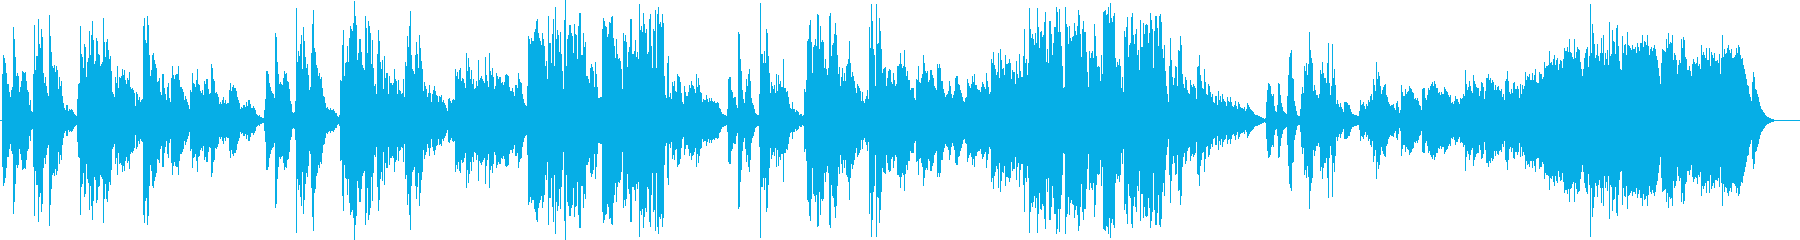 英語洋楽:凄く切ない恋愛バラード:アコギの再生済みの波形